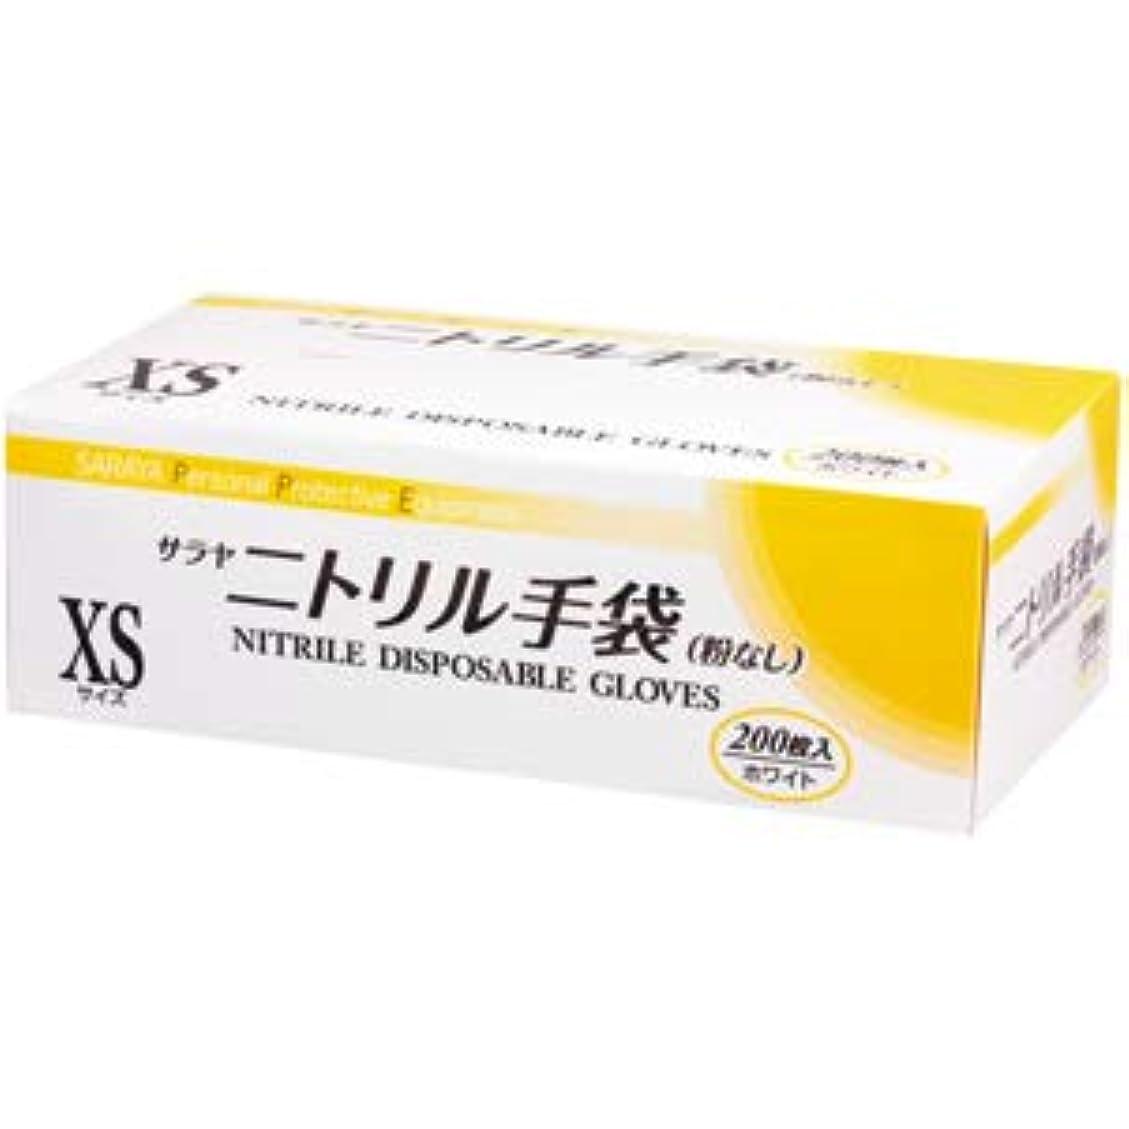 時代遅れ絶望的な慣れるサラヤ ニトリル手袋 ホワイト XS 200枚×10箱 51073